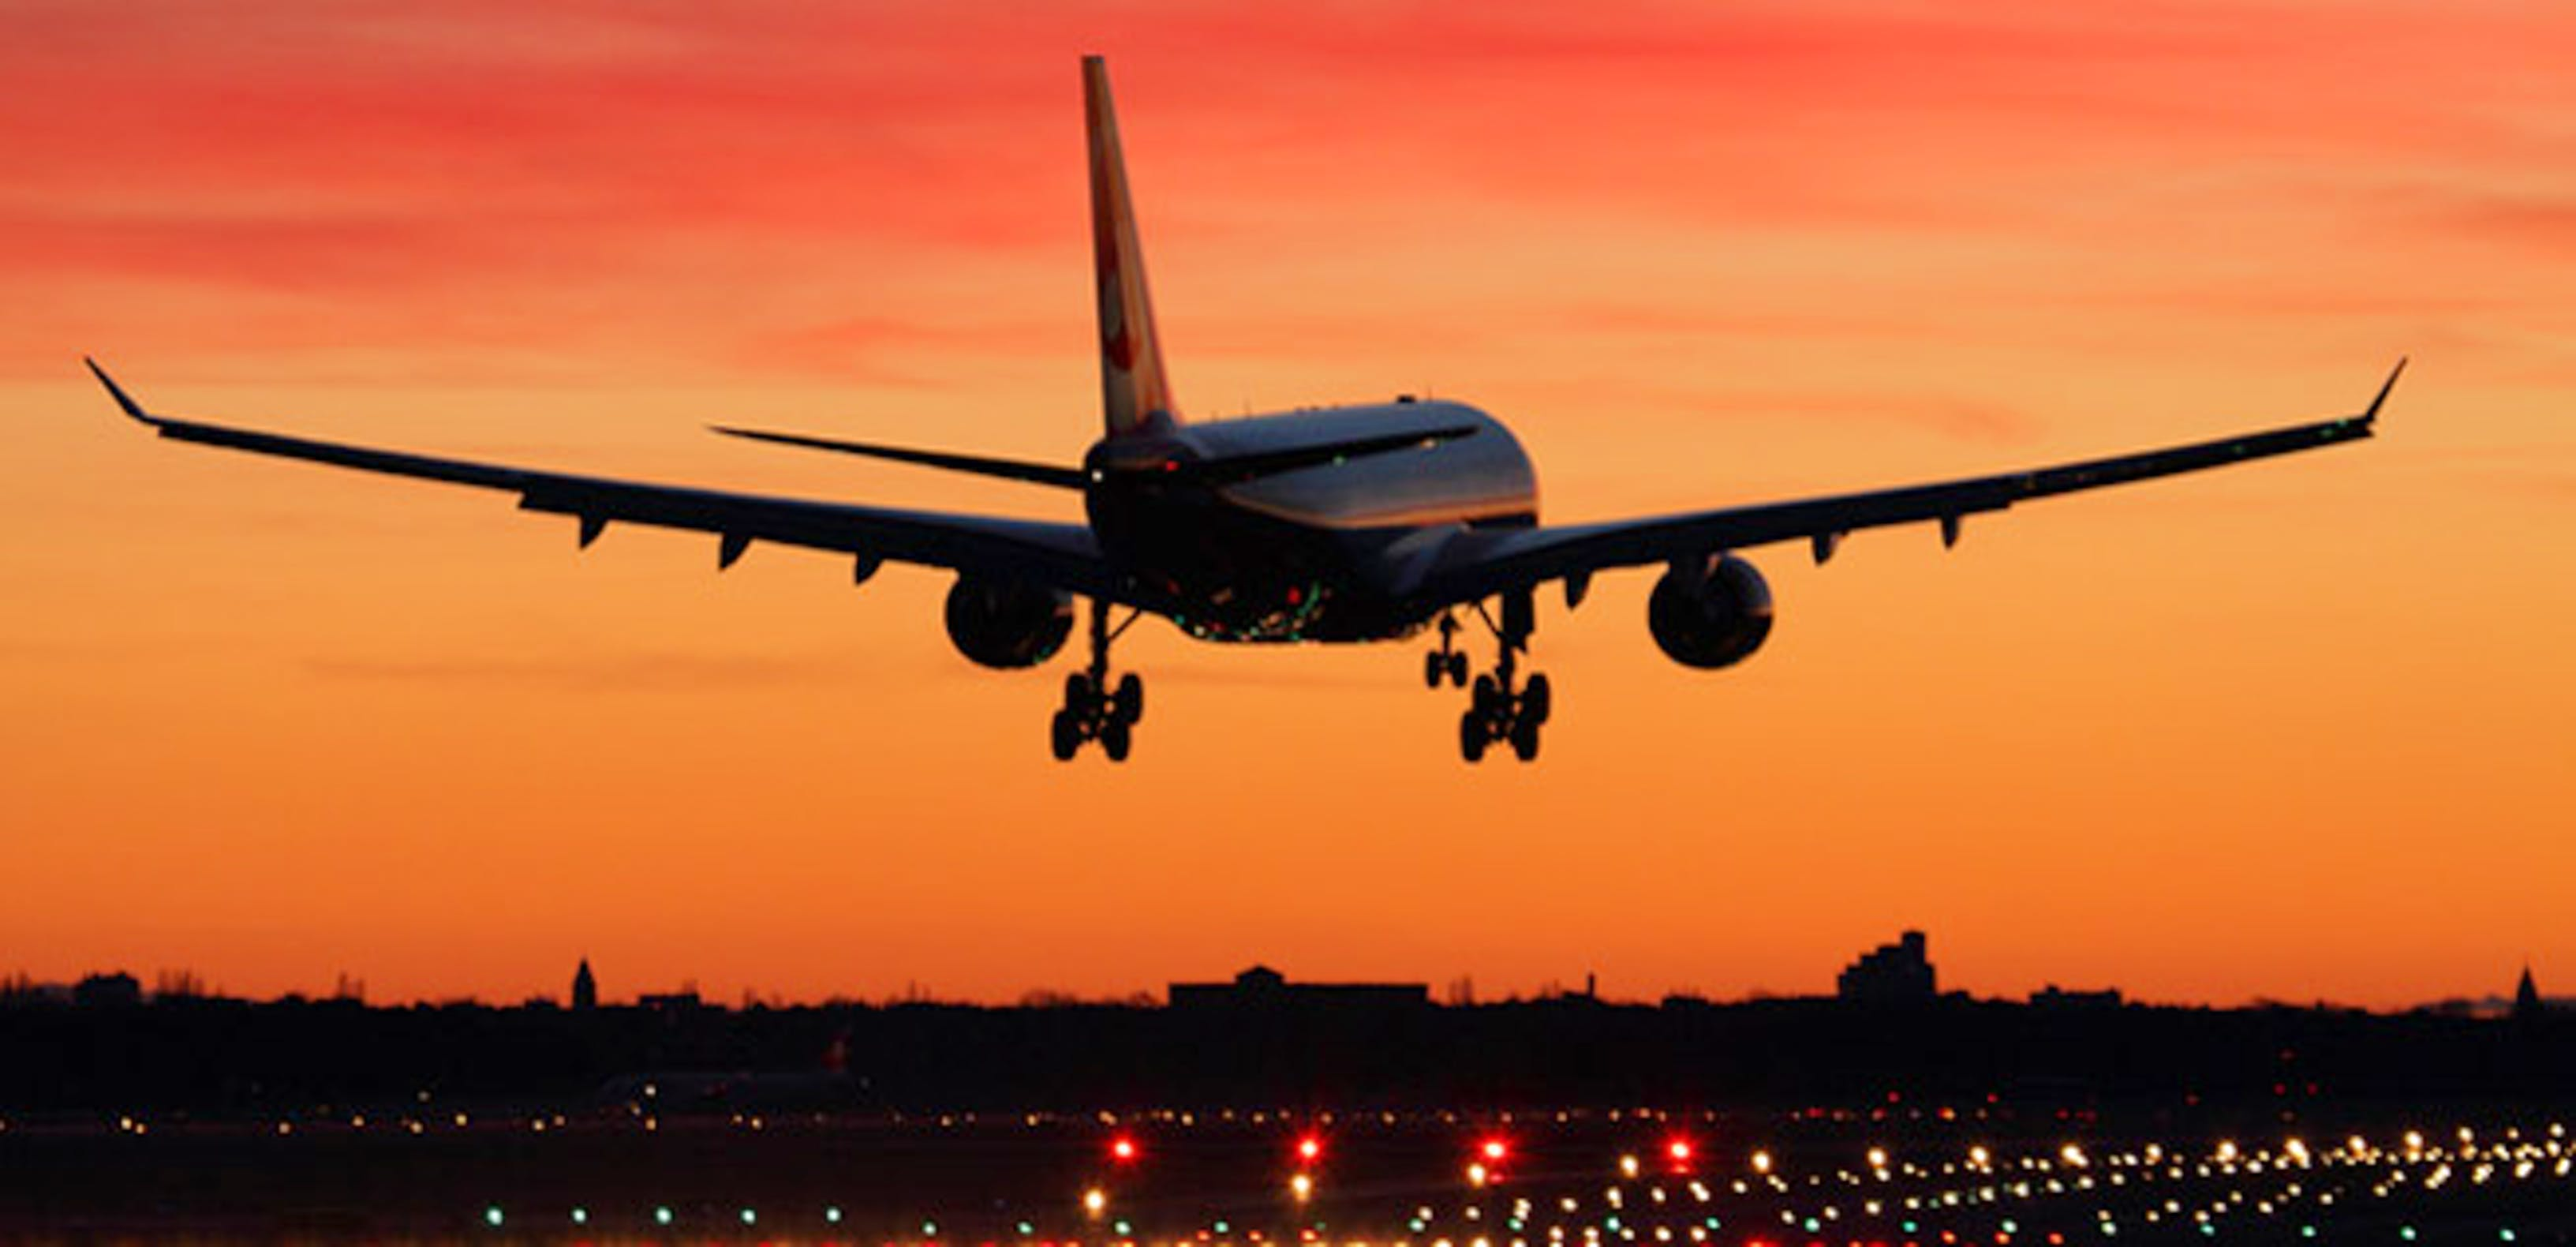 XL-Sitze mit mehr Beinfreiheit: Air Berlin will keine